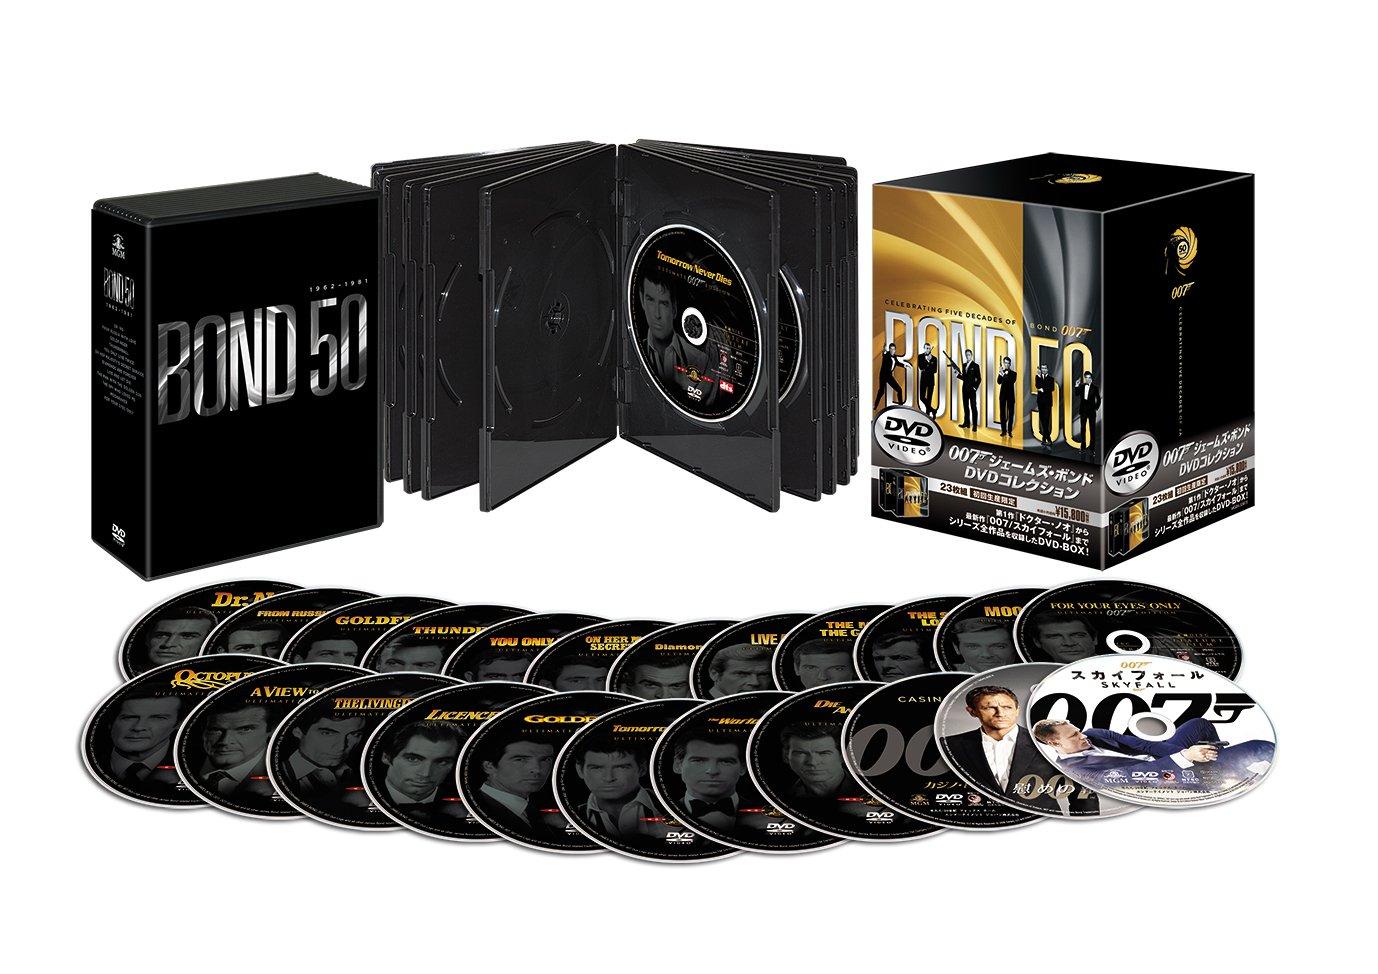 007 ジェームズ?ボンド DVDコレクション<23枚組> (初回生産限定) B00FWUJQ76